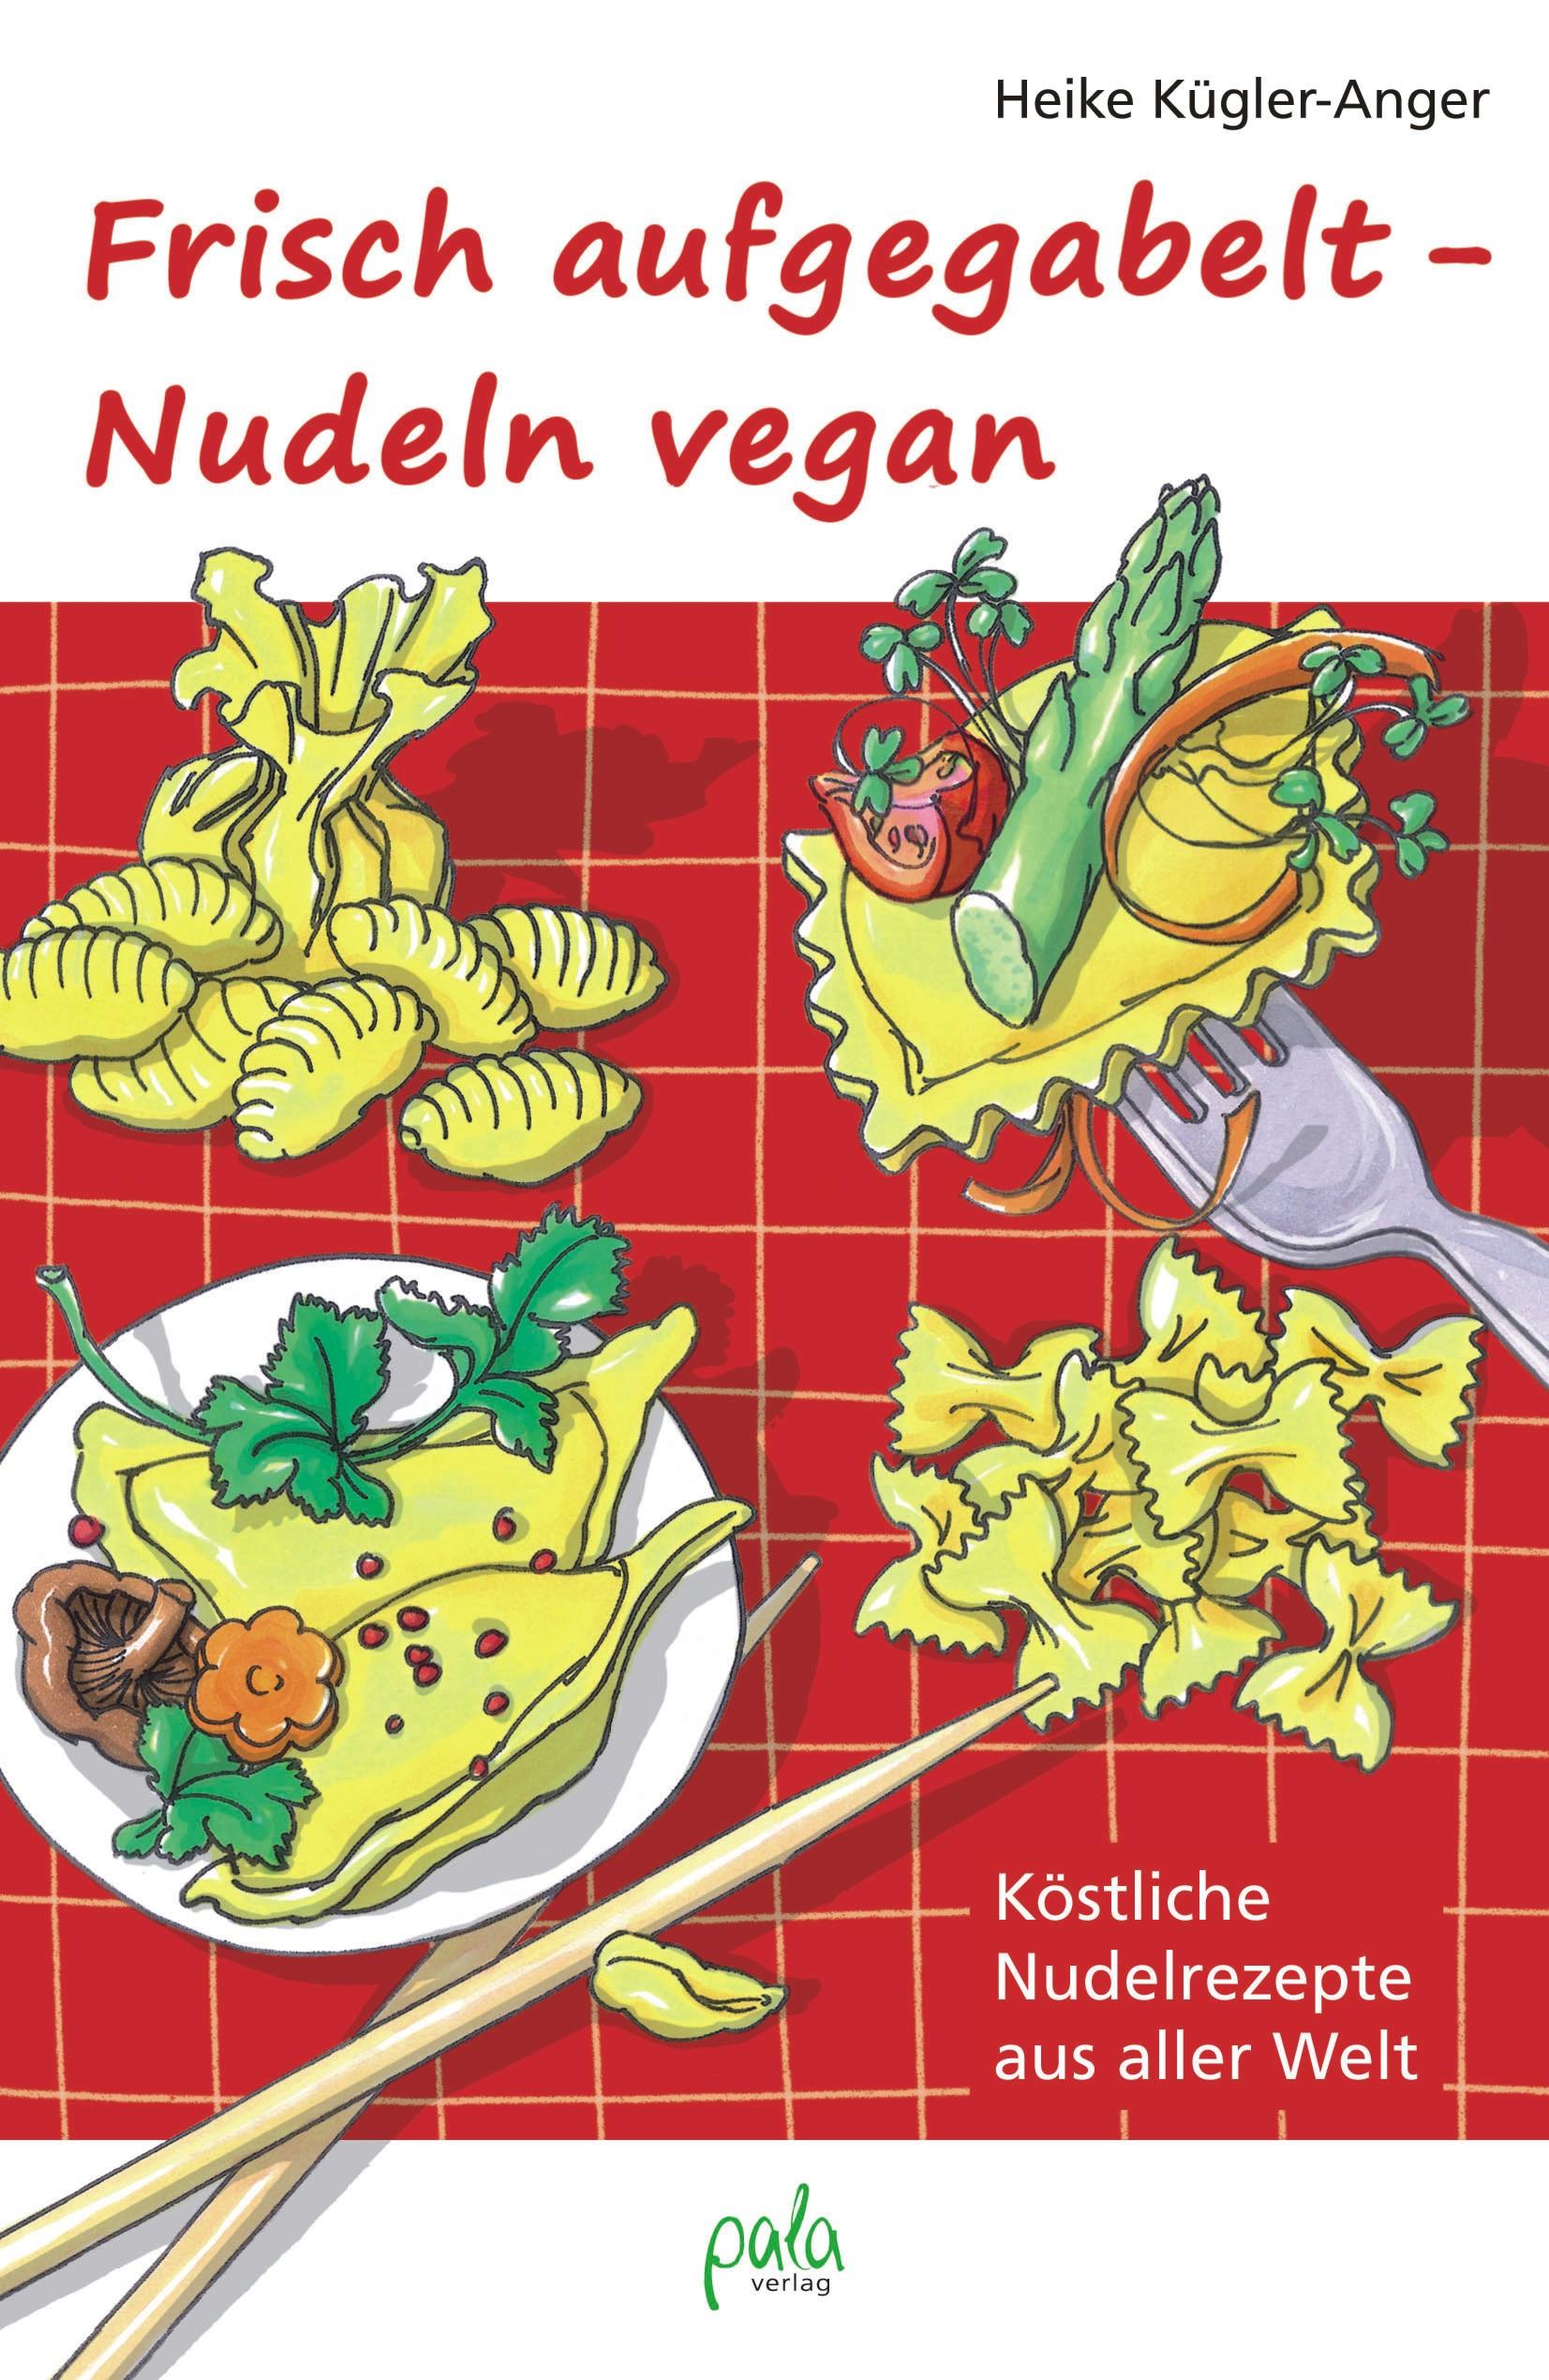 9783895662812 Frisch aufgegabelt - Nudeln vegan